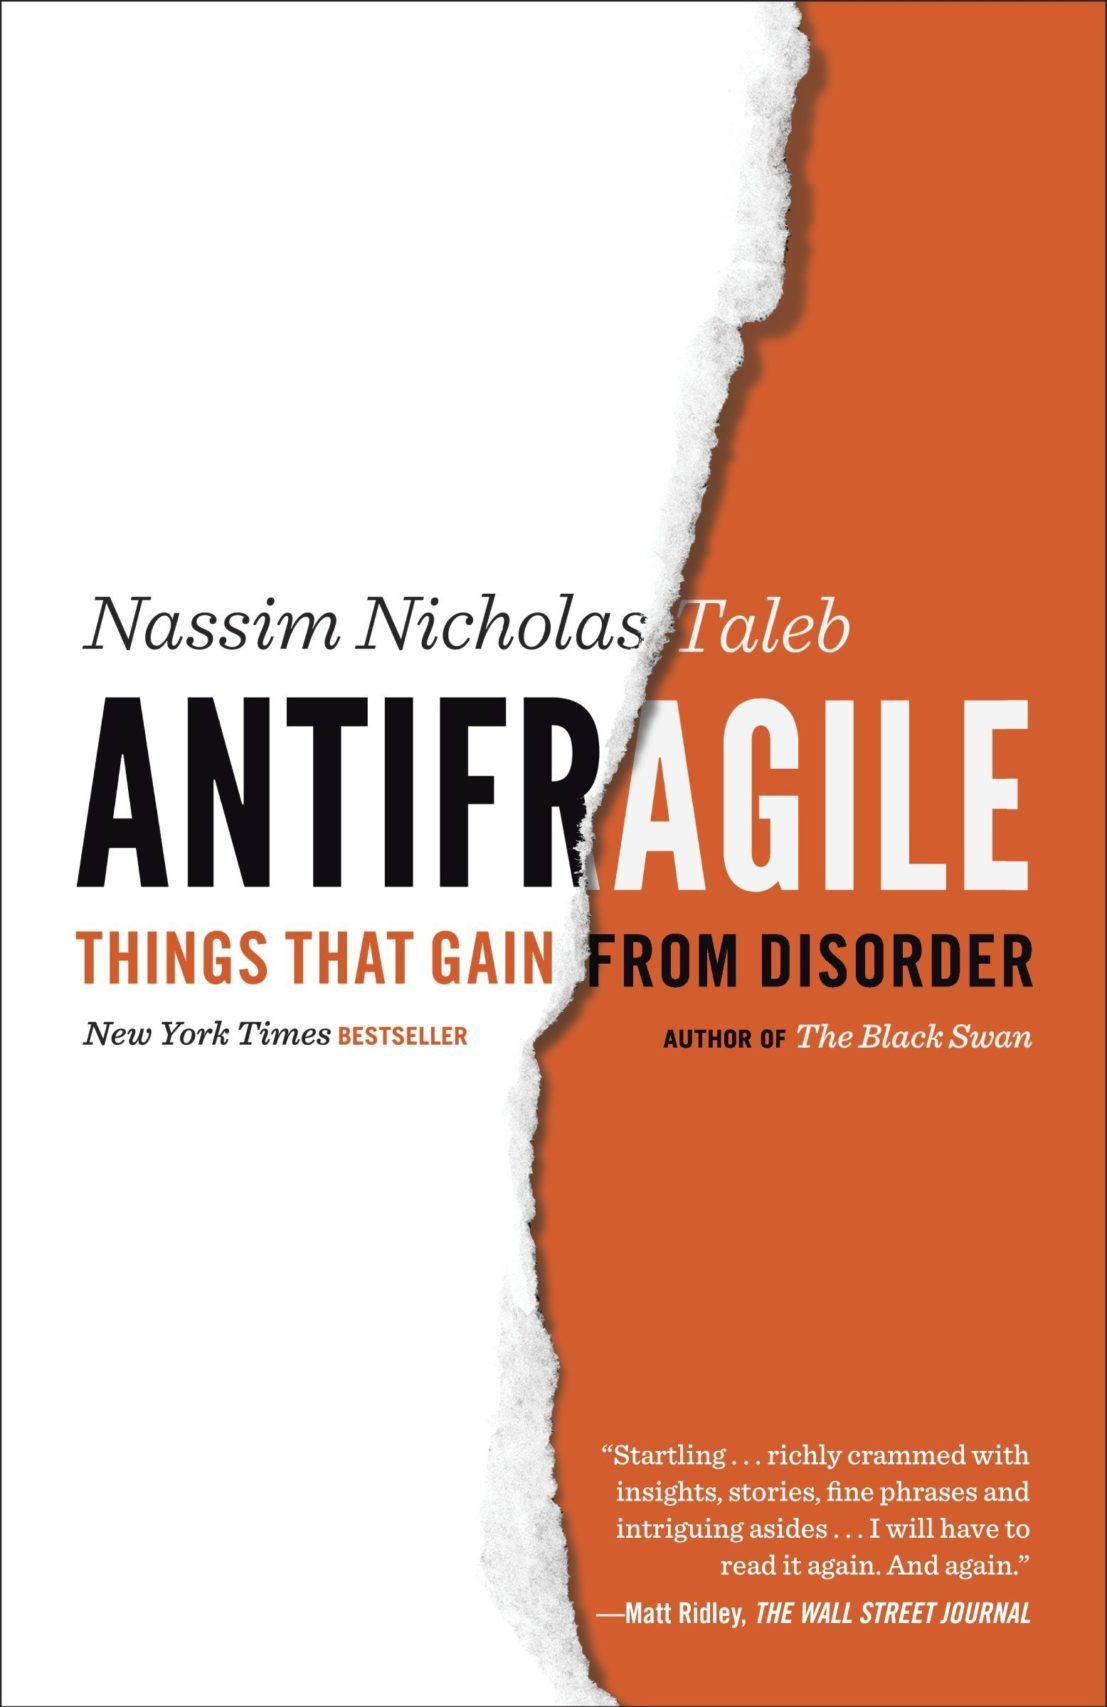 <em>Antifragile</em> by Nassim Nicholas Taleb